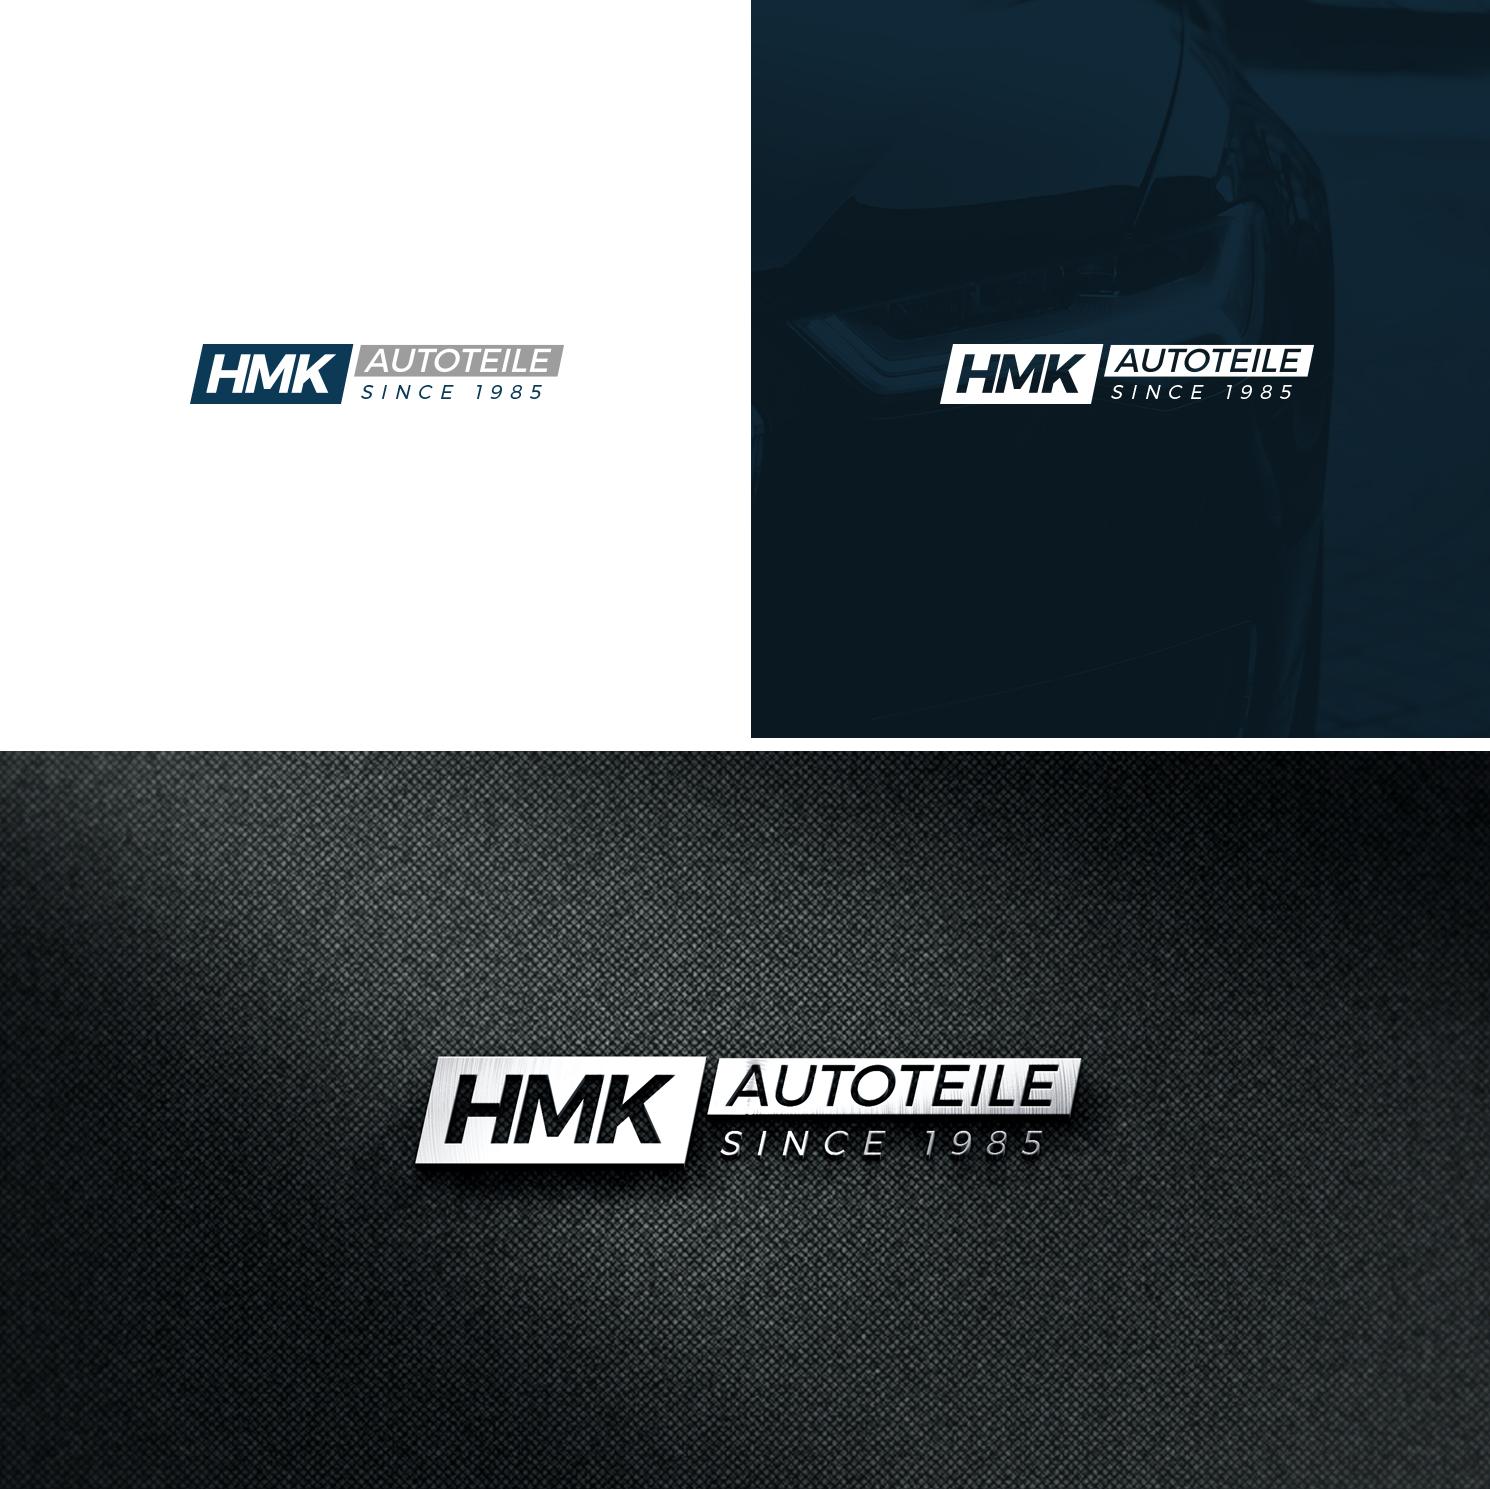 Unternehmen Für Autoteile Benötigt Logo Vi Logo